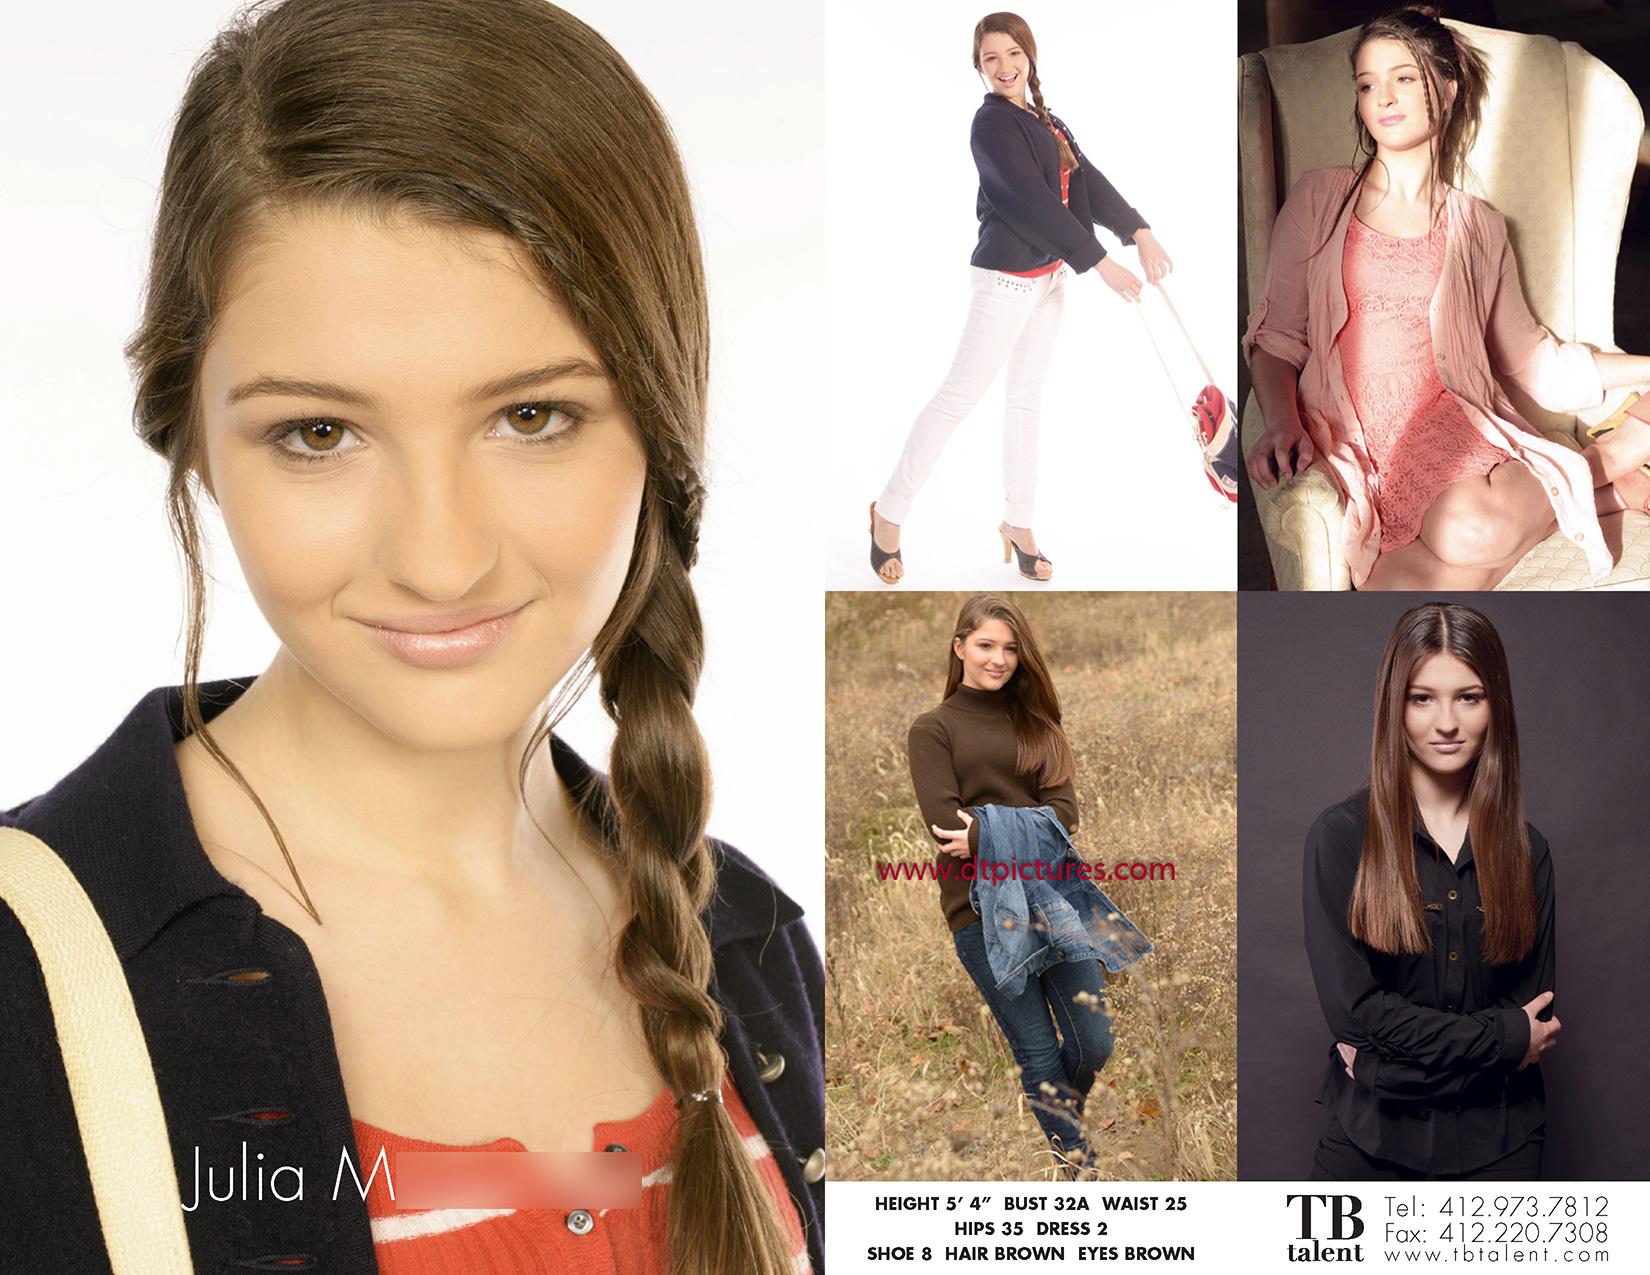 Zoe M. - TB Talent